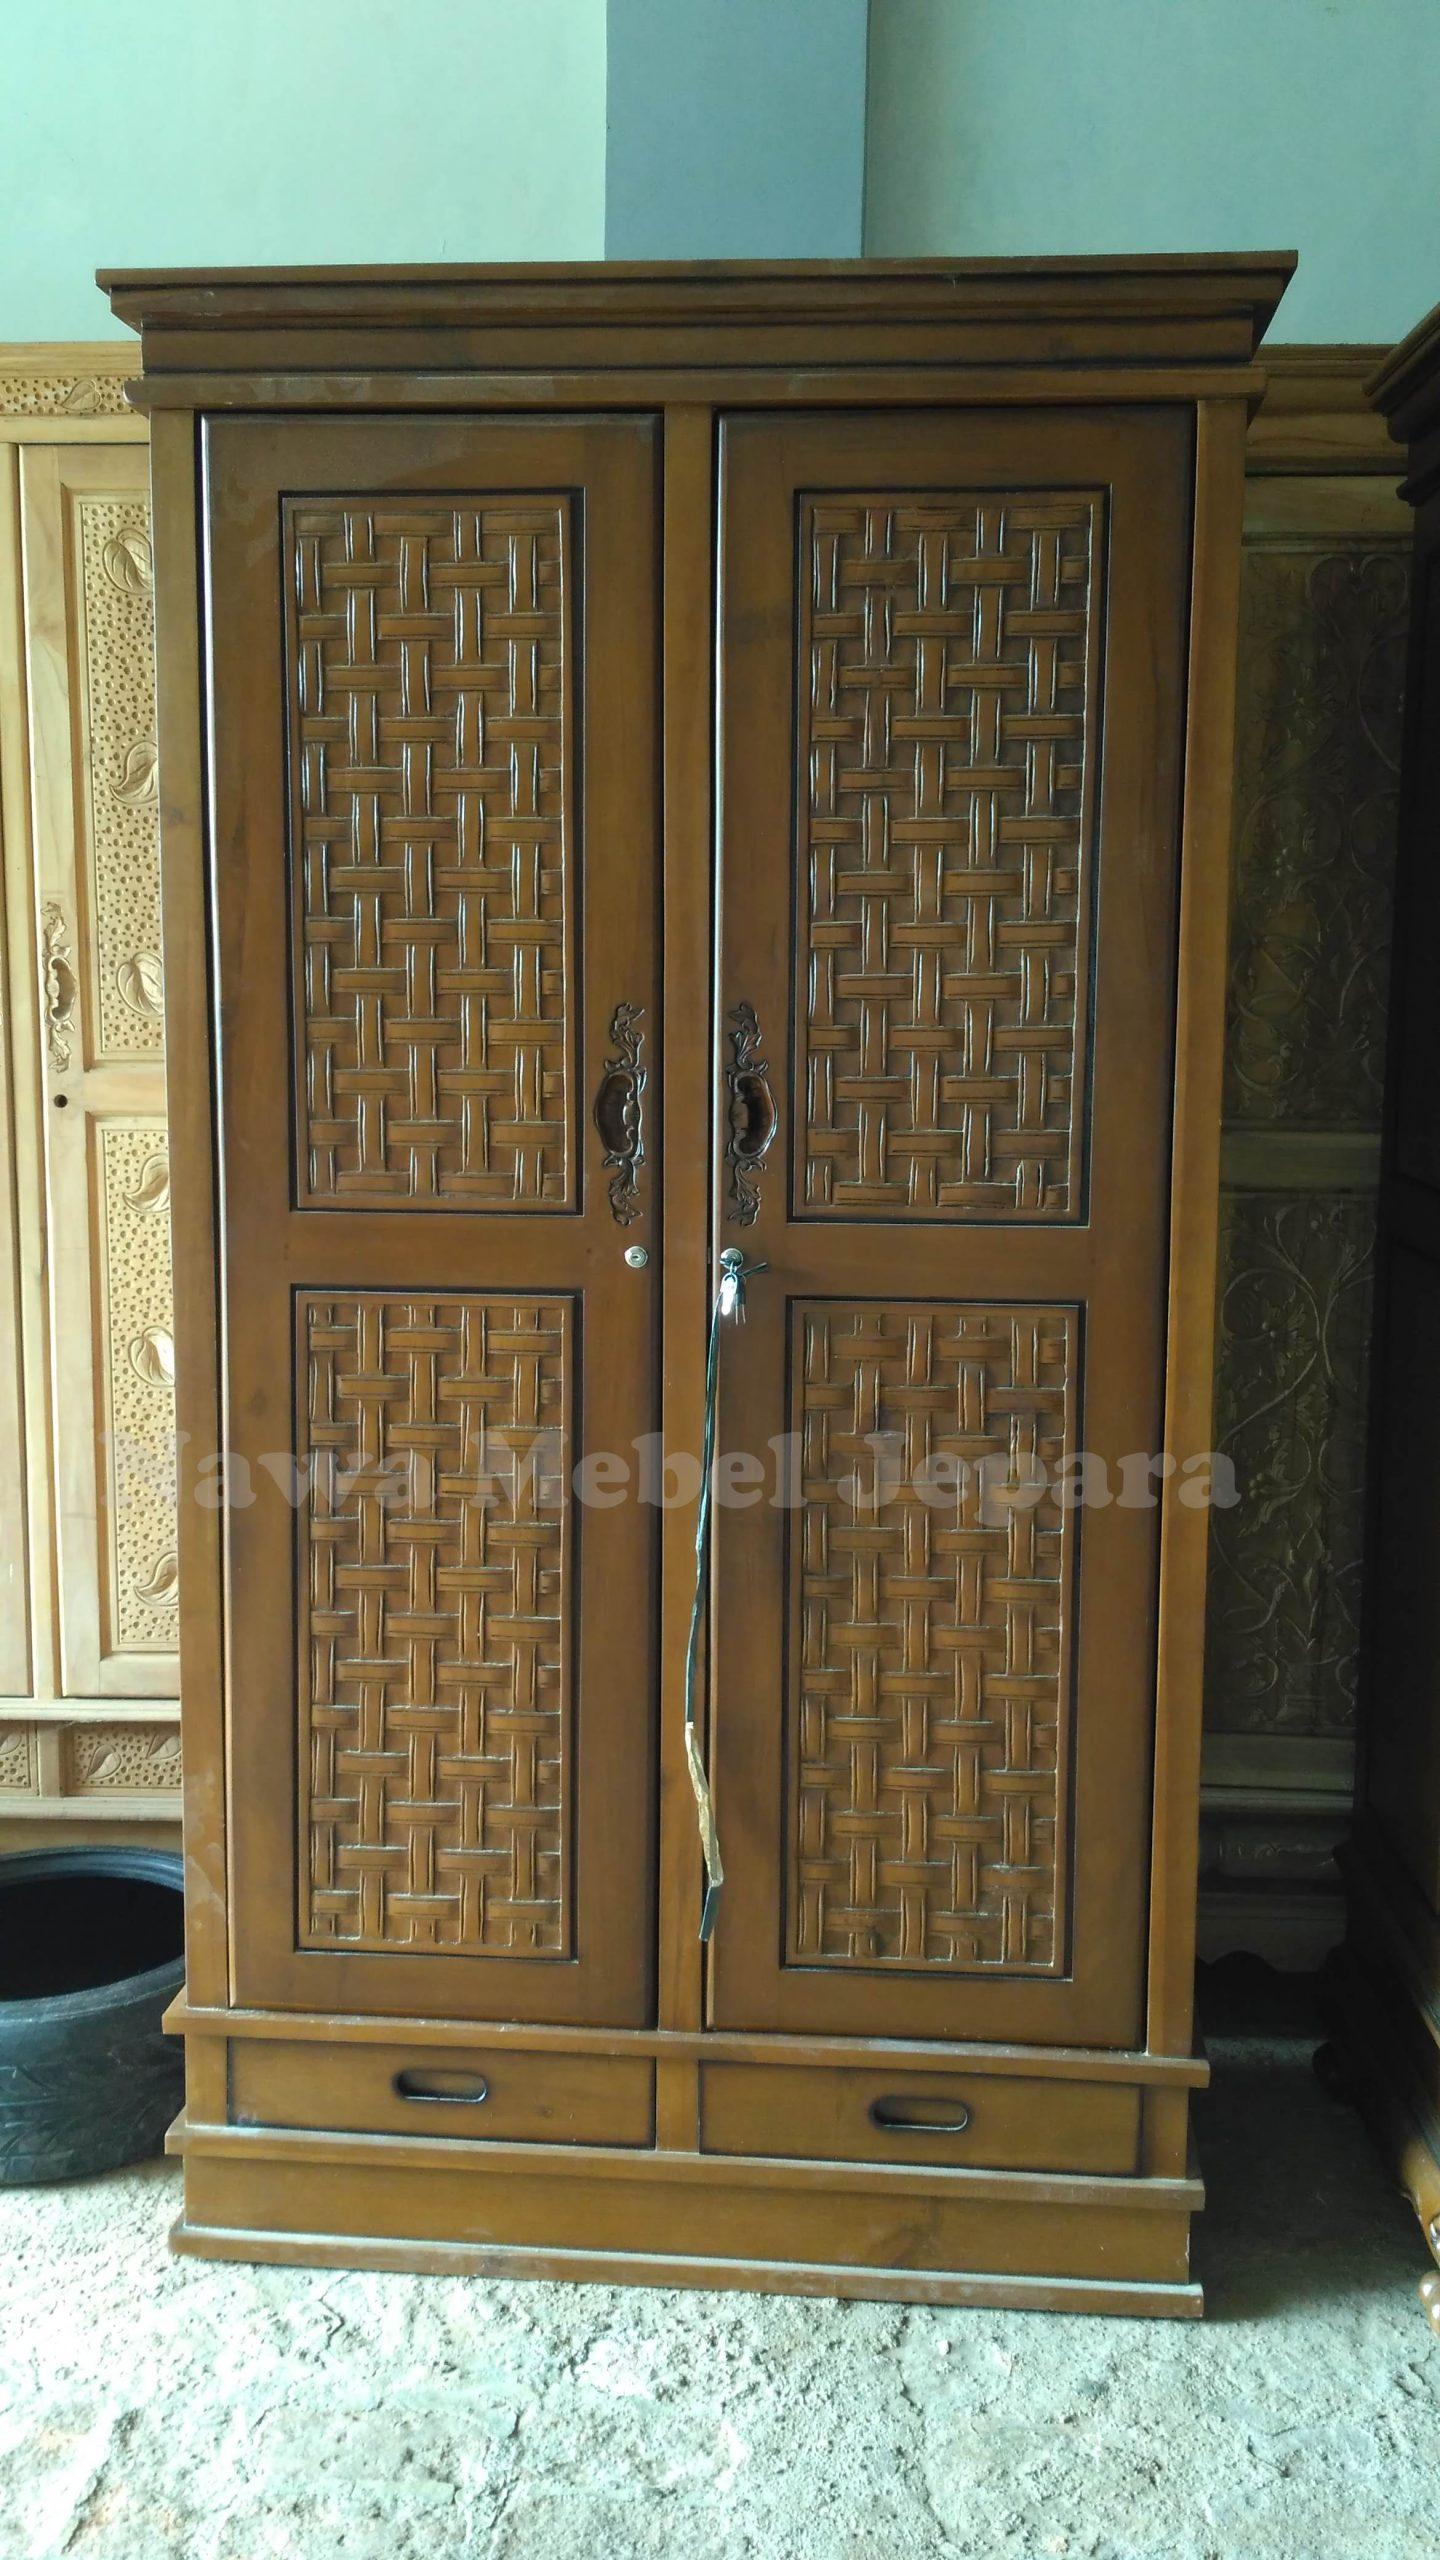 Almari Pakaian 2 pintu Ukir Model Rajut